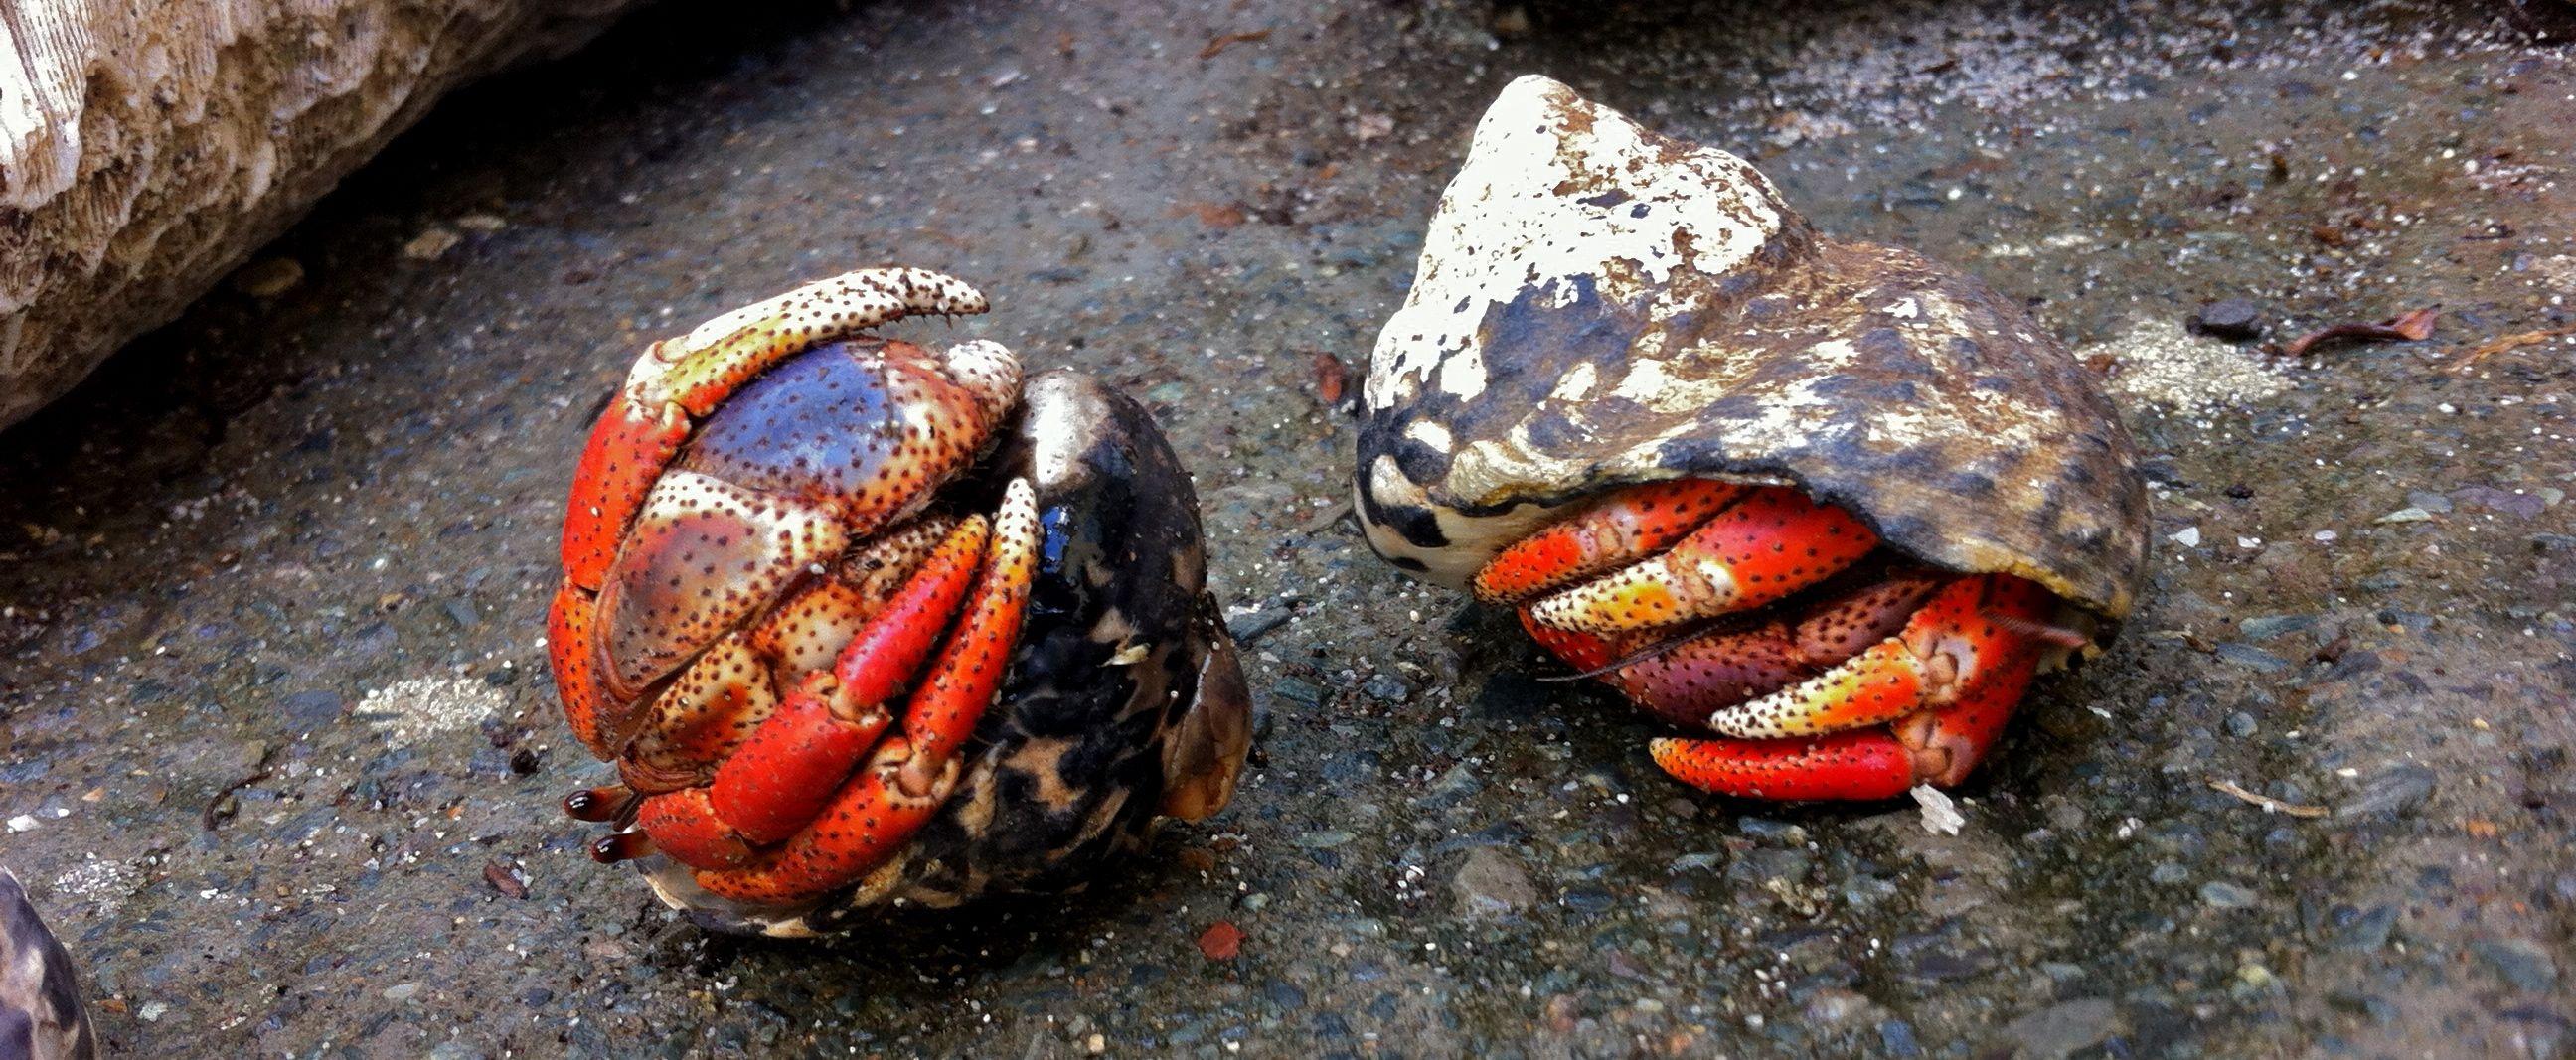 Blue Land Hermit Crab Land Hermit Crabs